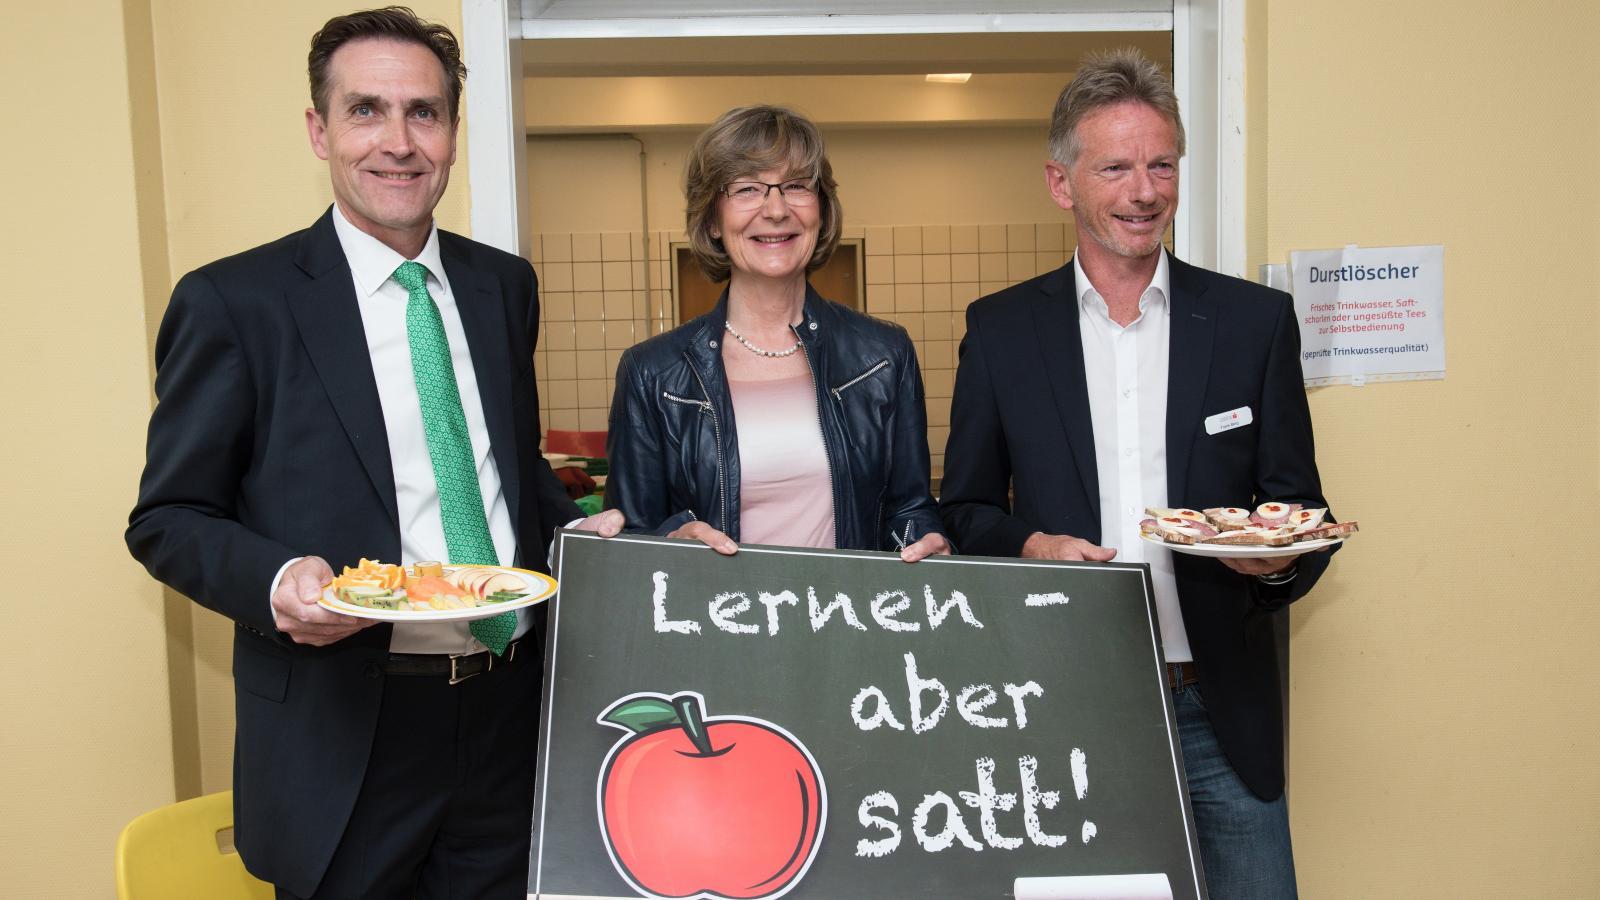 Überzeugen sich von der Vielfalt des Frühstücks: Ralf Zimlich (Vorsitzender der WIRO-Geschäftsführung), Ute Römer (Vorstand der Stadtwerke Rostock) und Frank Berg (OSPA-Vorstandsvorsitzender). Foto: Margit Wild